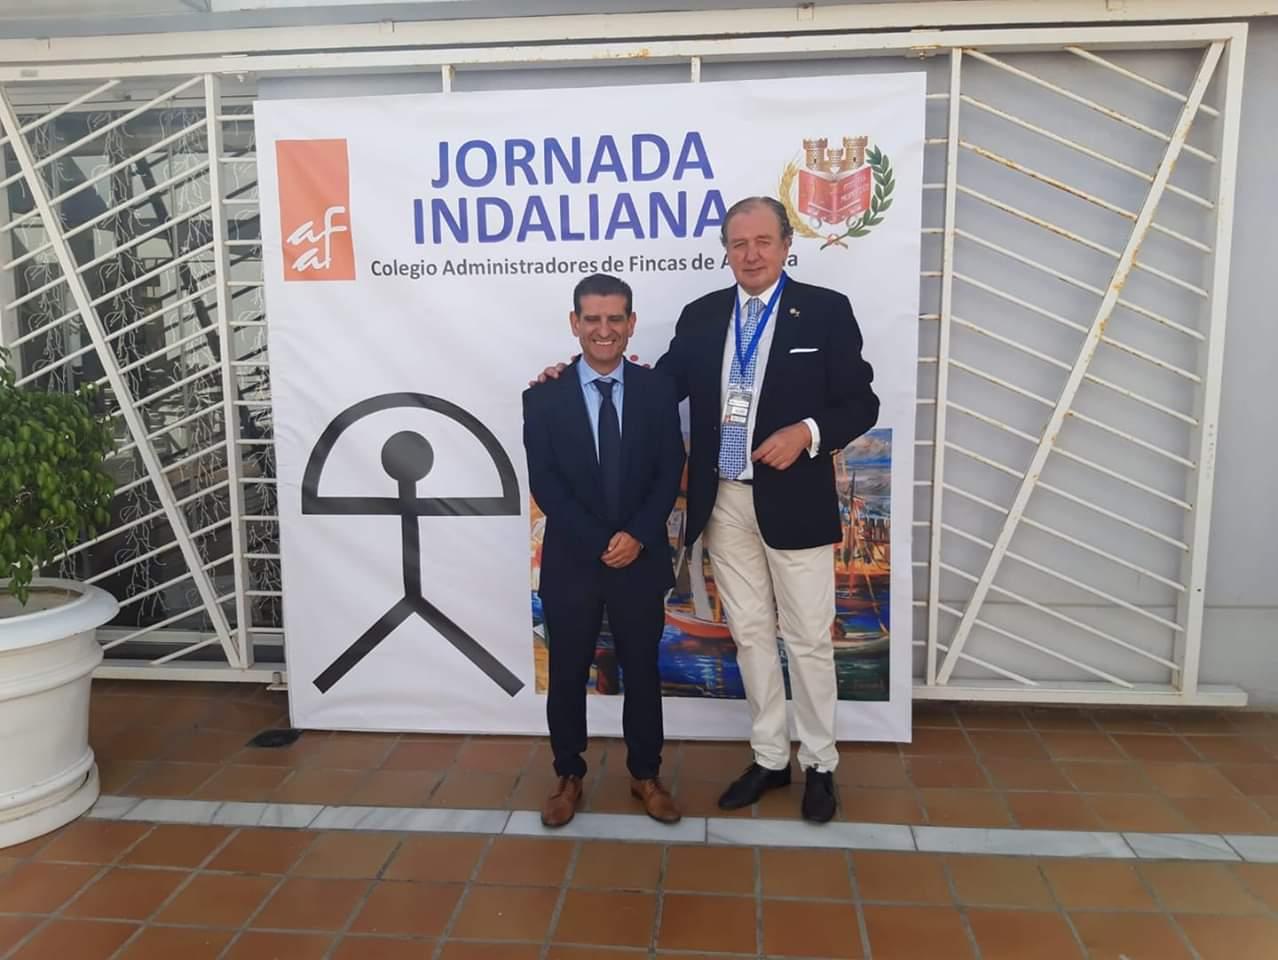 David Toscano y Gabriel Onoyarte en Jornadas Indalianas Almería